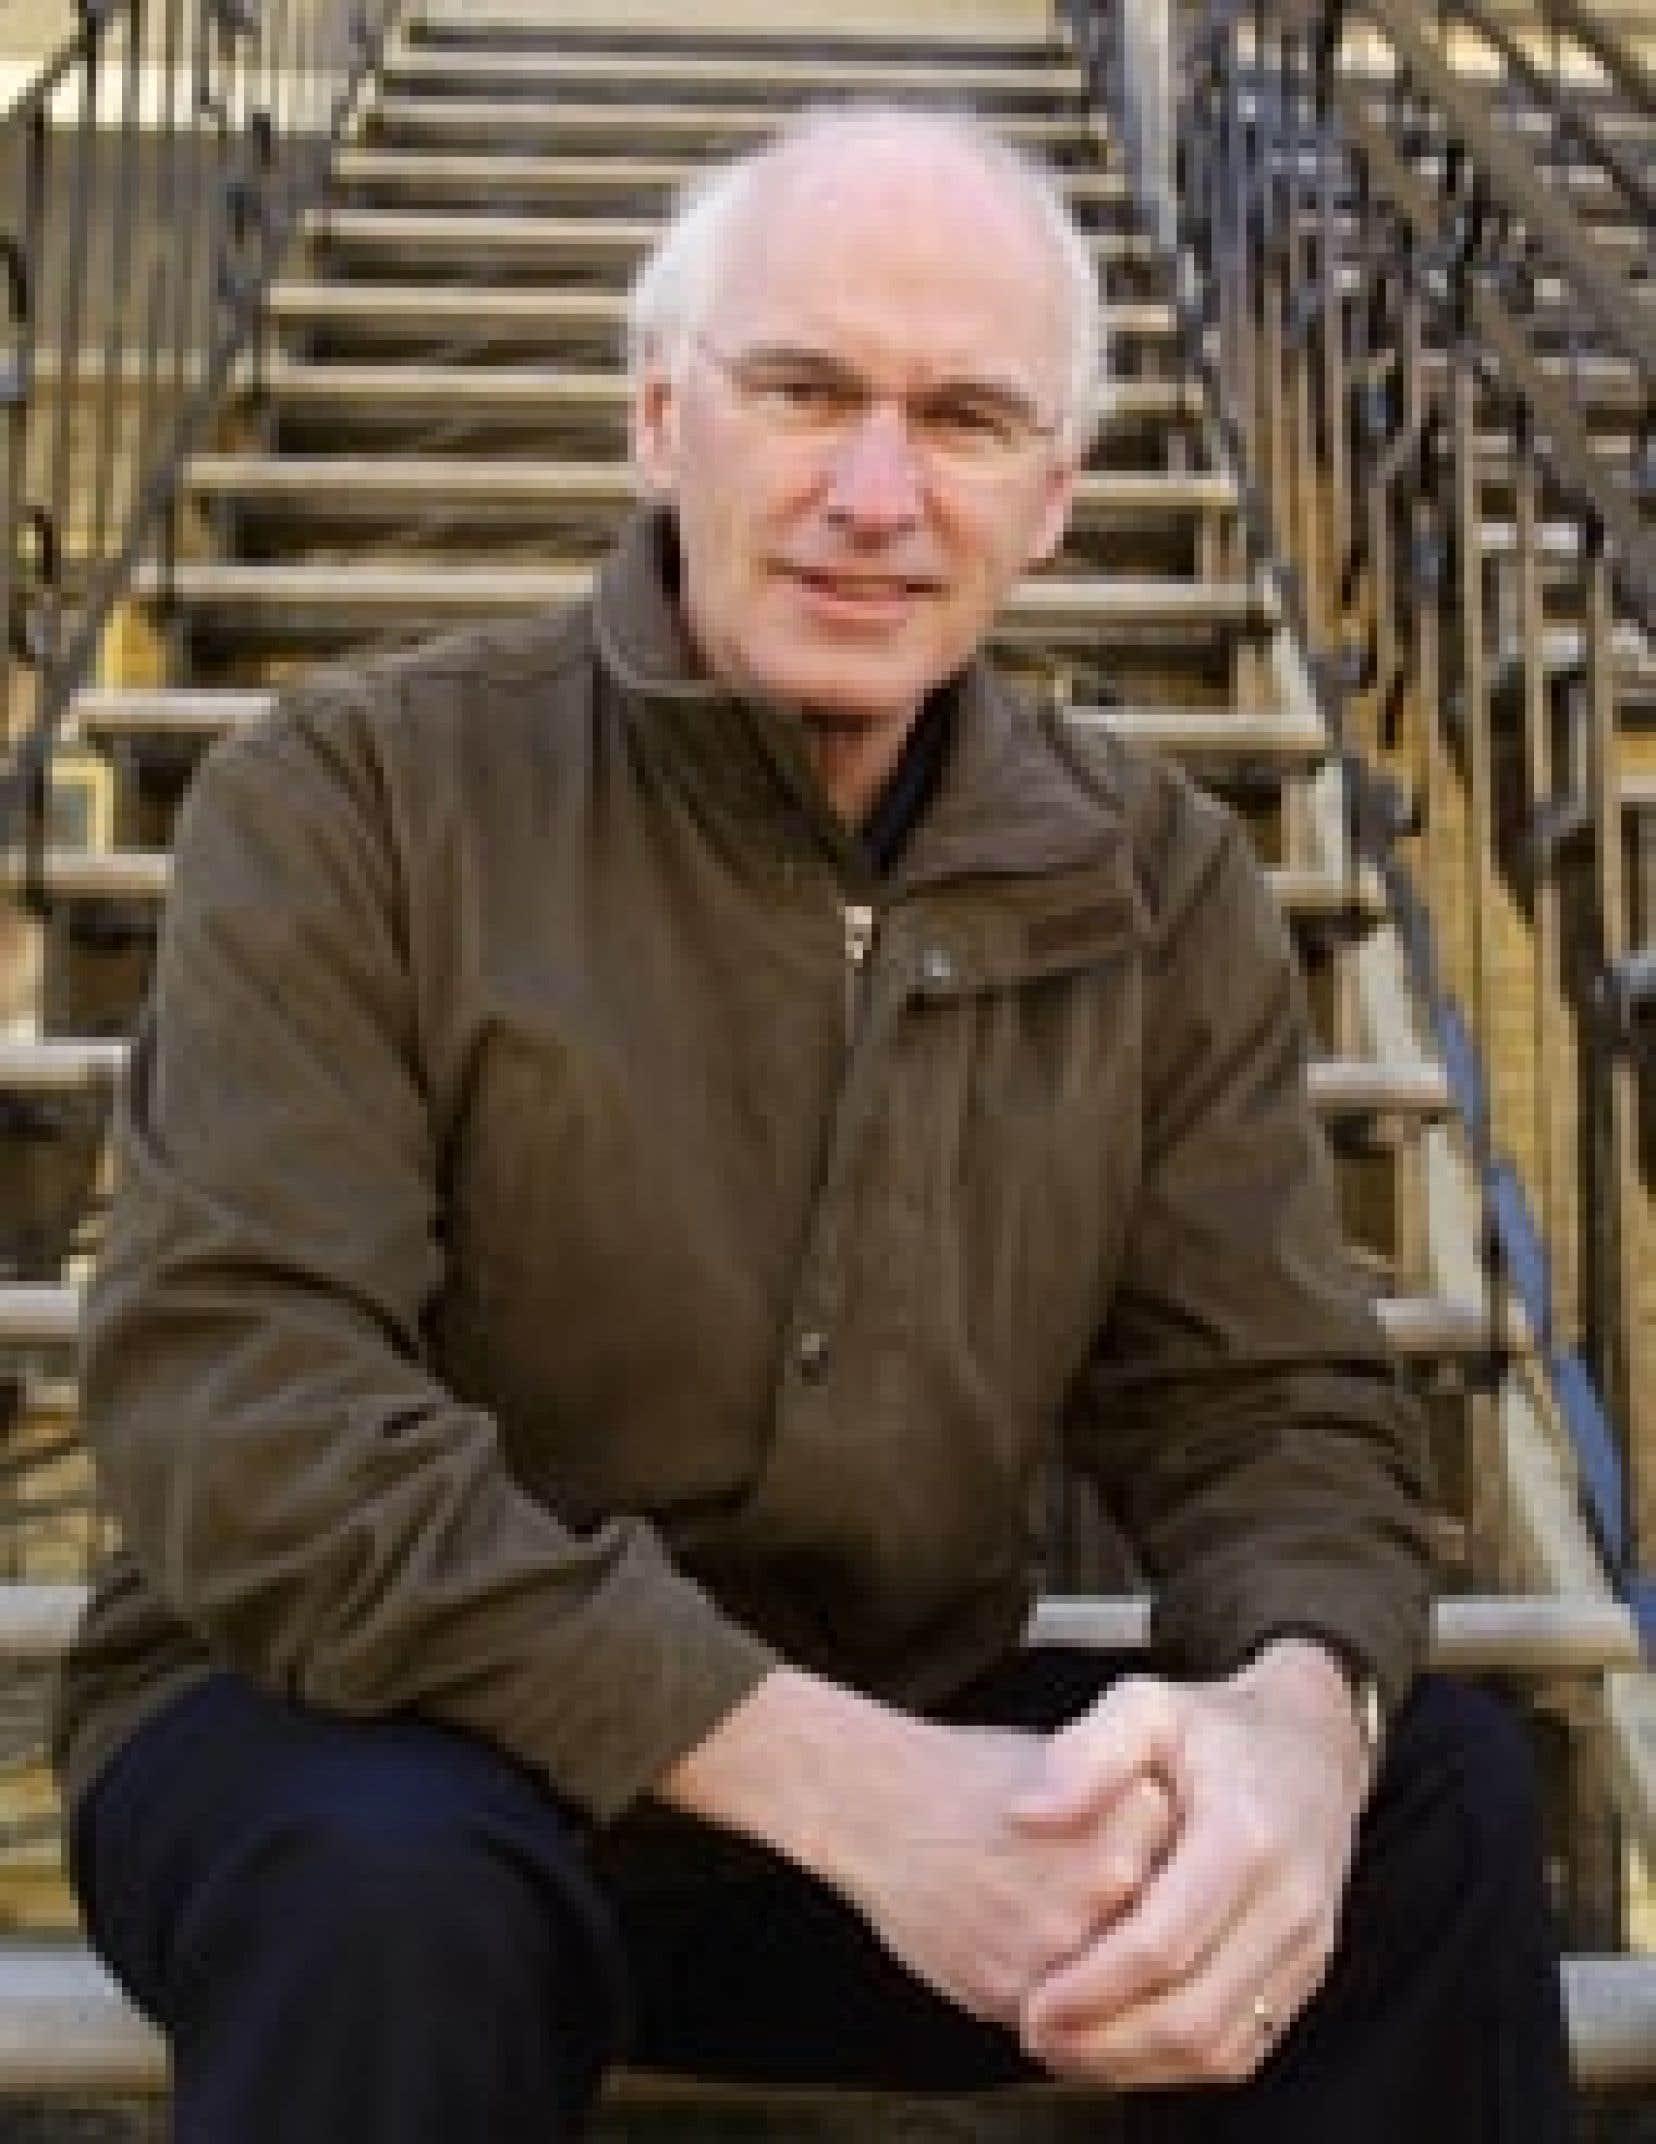 Pierre Boucher préférerait l'élection de Claude Larose à la mairie de Québec à celle de Marc Bellemare. Mais il ne se fait guère d'illusion: Bellemare était donné gagnant avant même d'annoncer sa candidature.